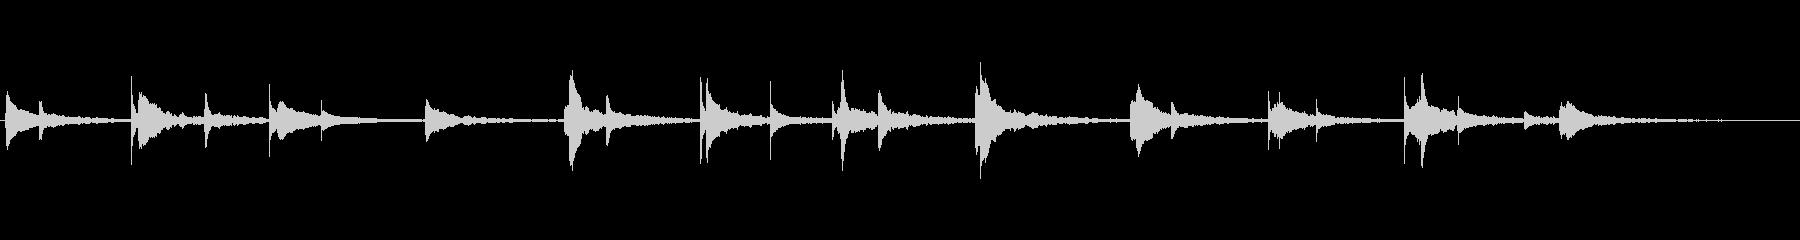 現代の交響曲 室内楽 あたたかい ...の未再生の波形